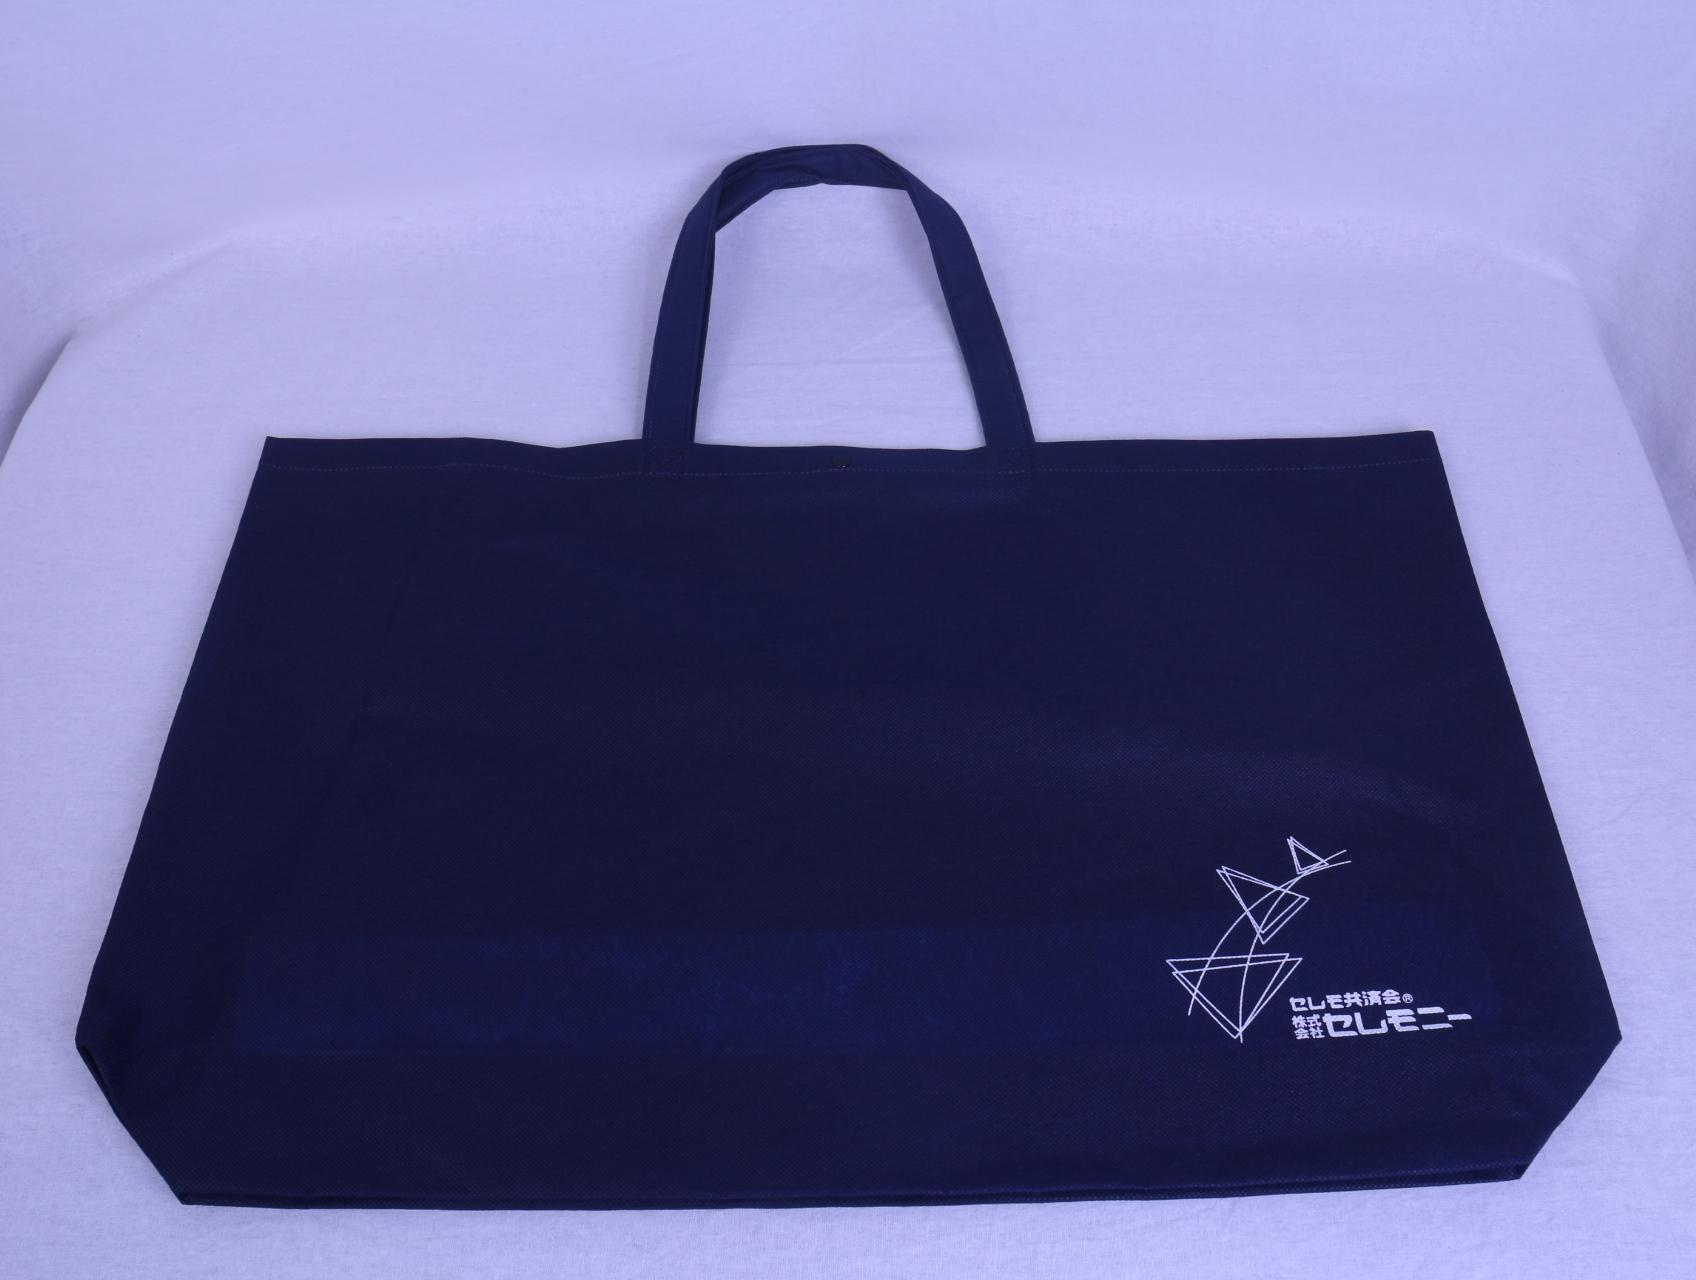 葬儀企画や運営をされている会社様のオリジナル不織布バッグ